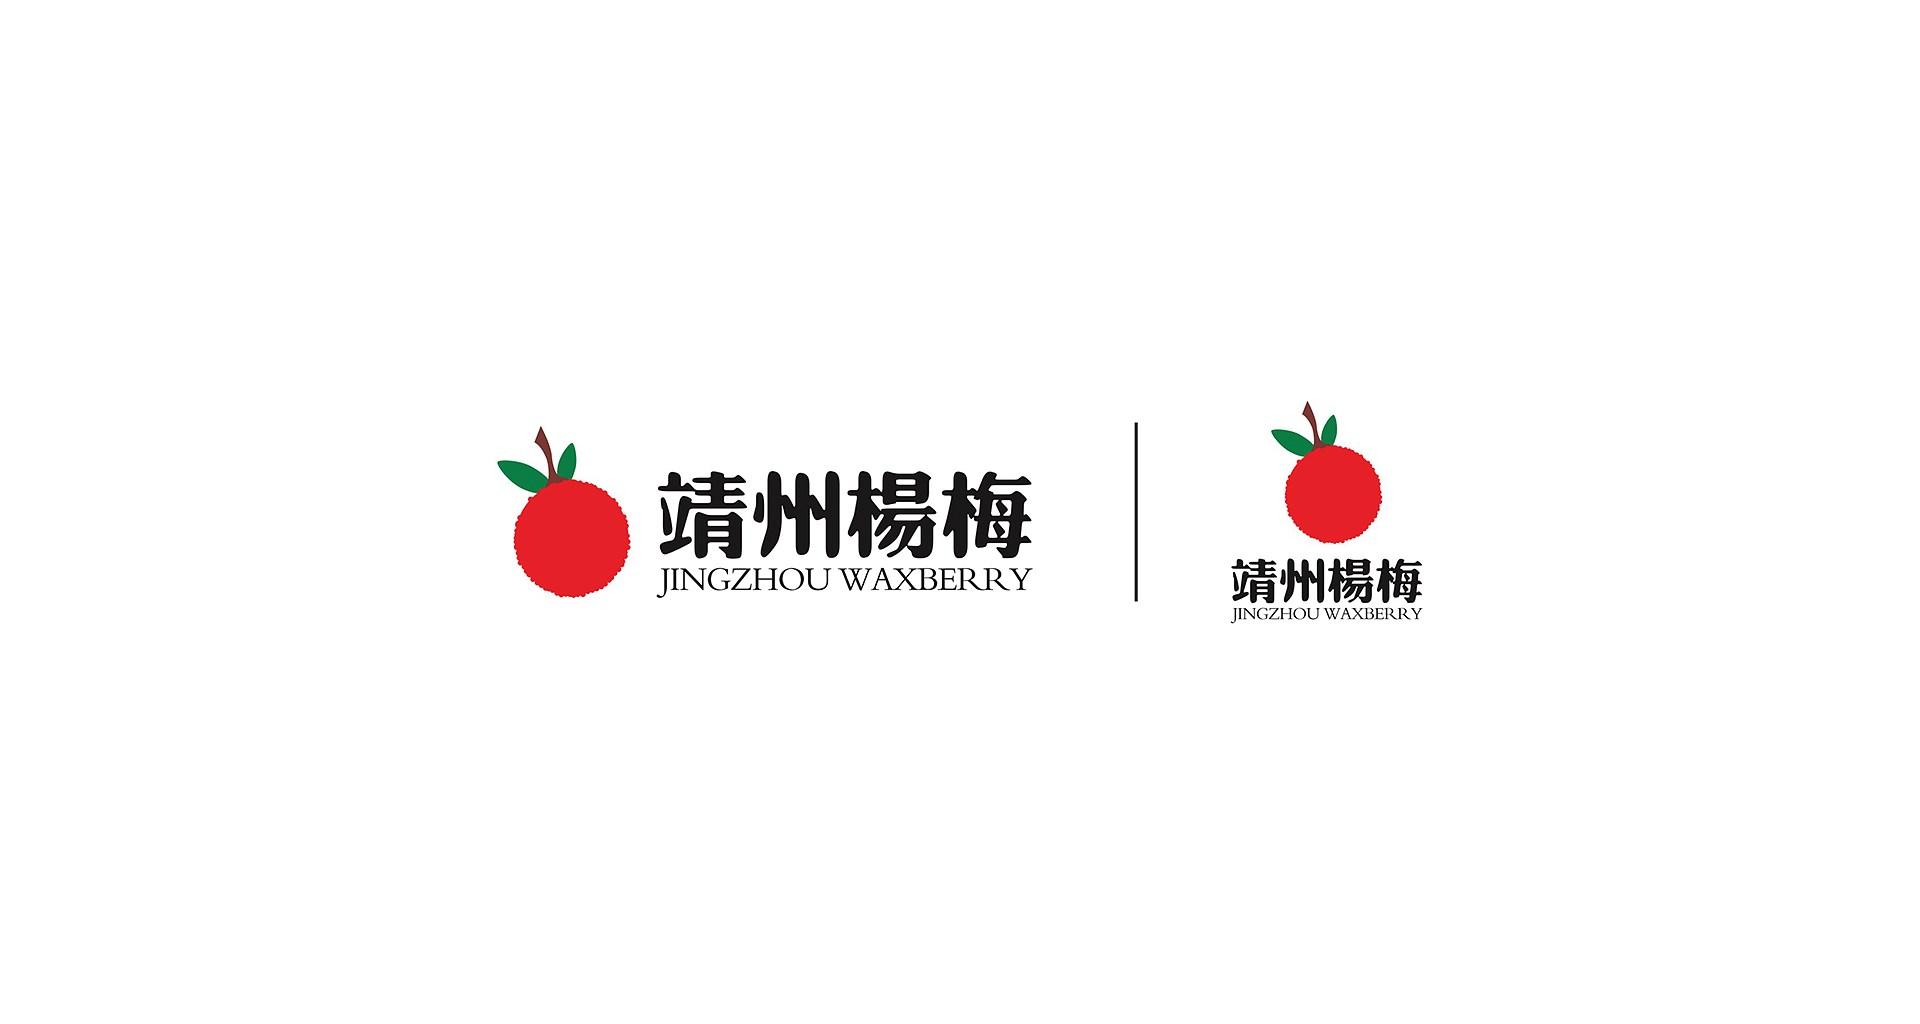 靖州杨梅_0007.JPG